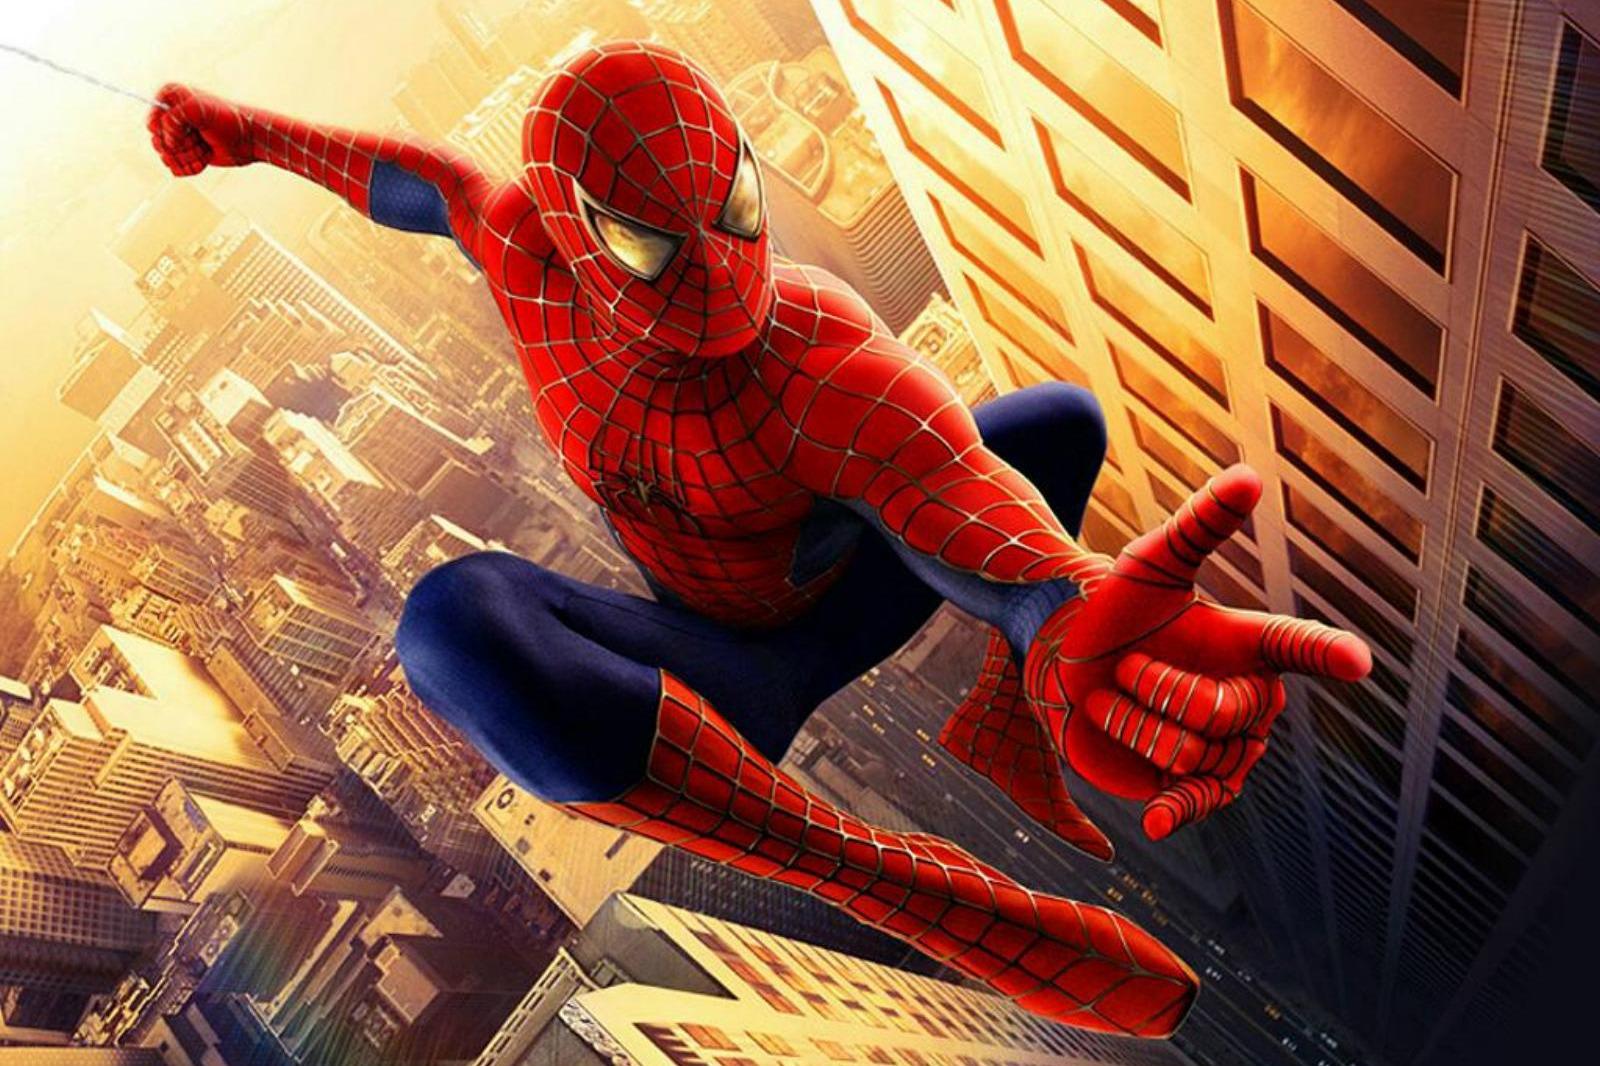 человека паука картинка